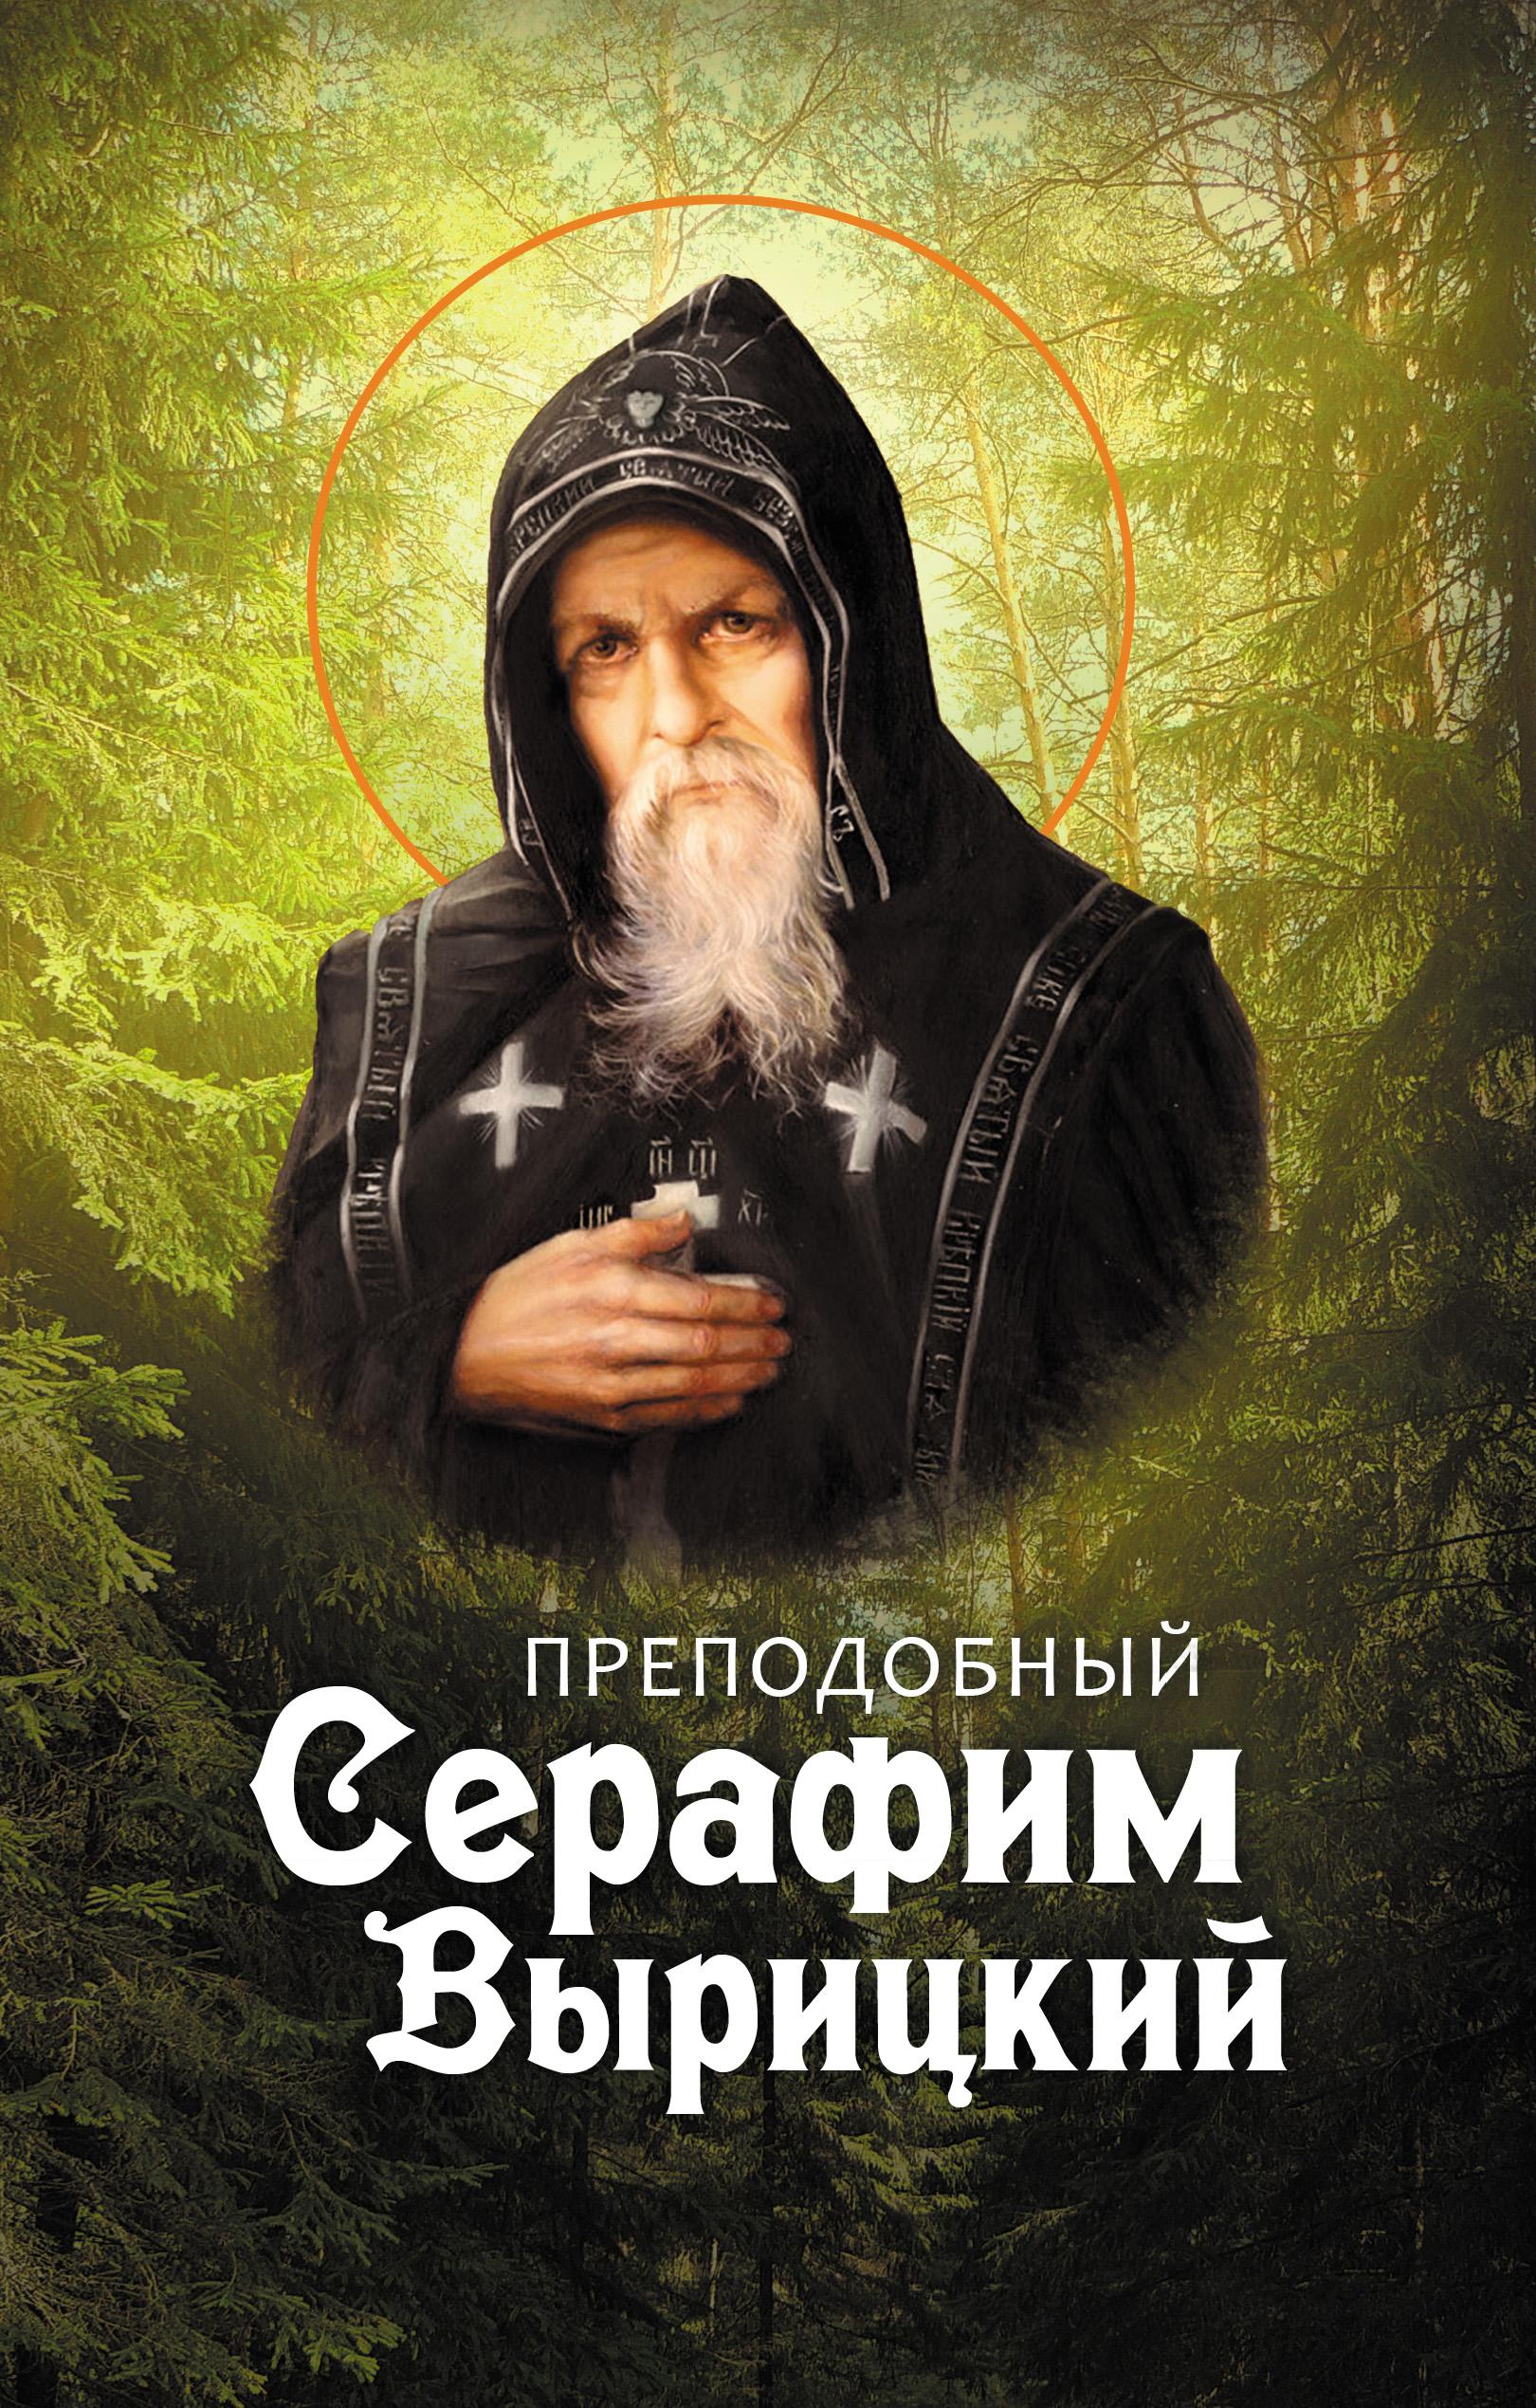 купить Отсутствует Преподобный Серафим Вырицкий онлайн